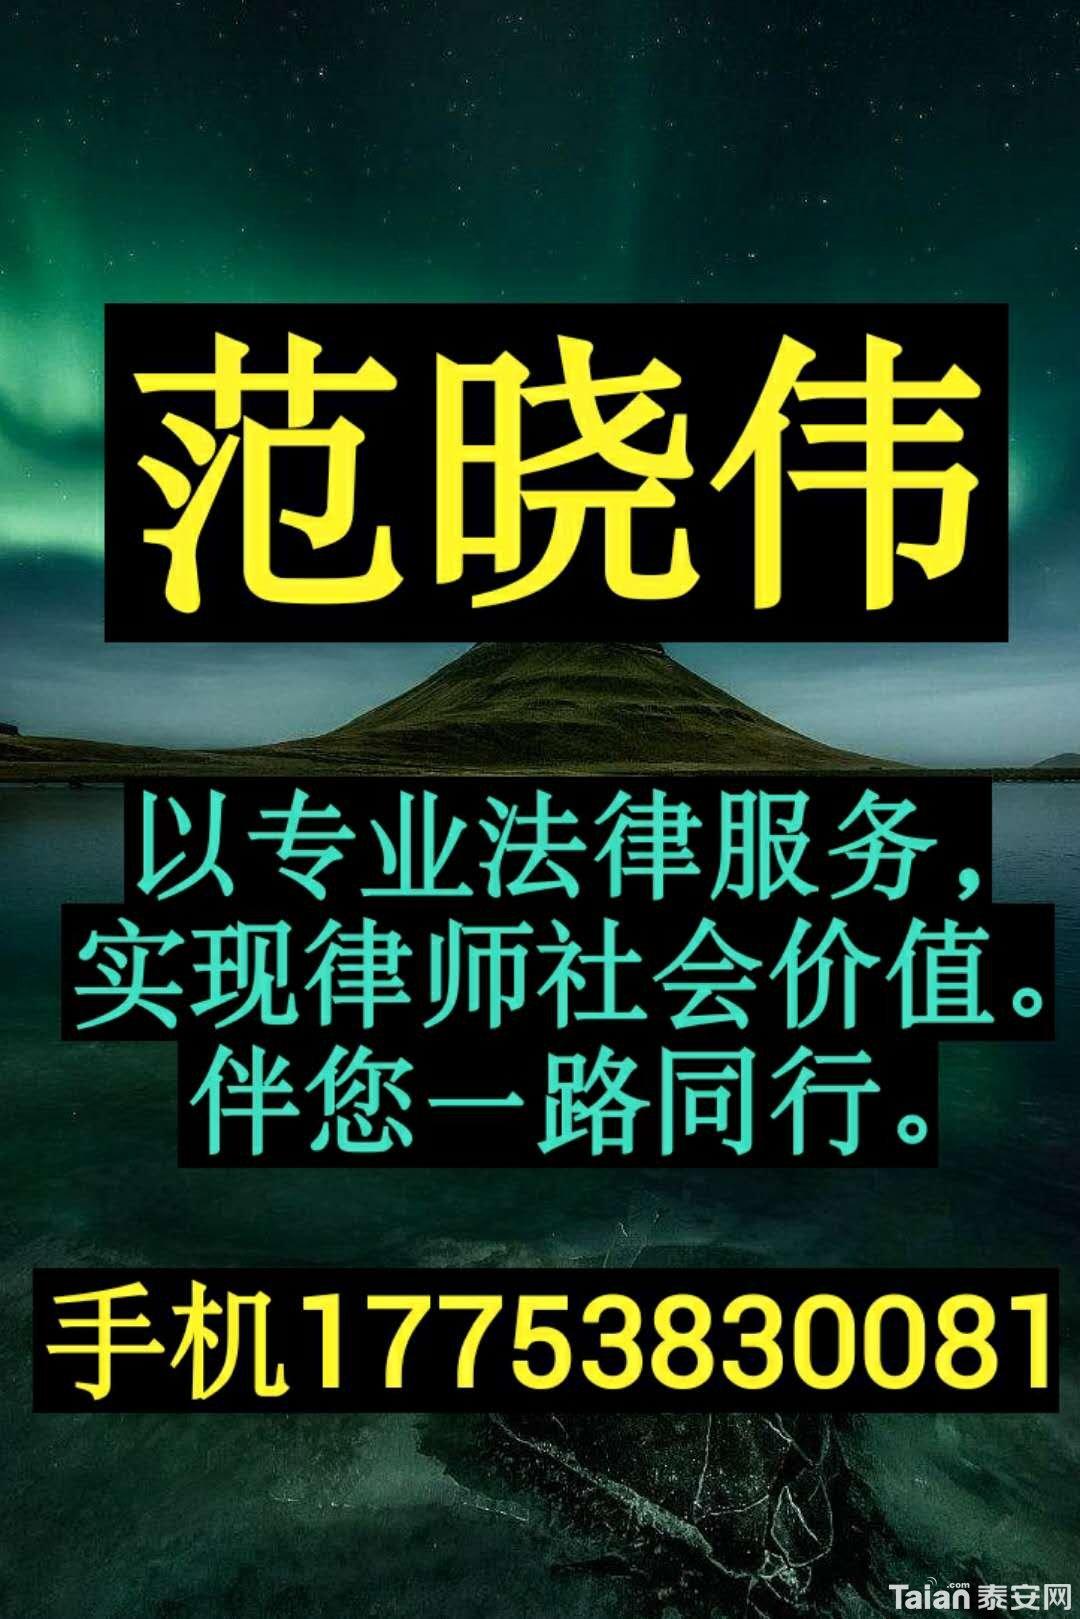 微信图片_20180504111305.jpg